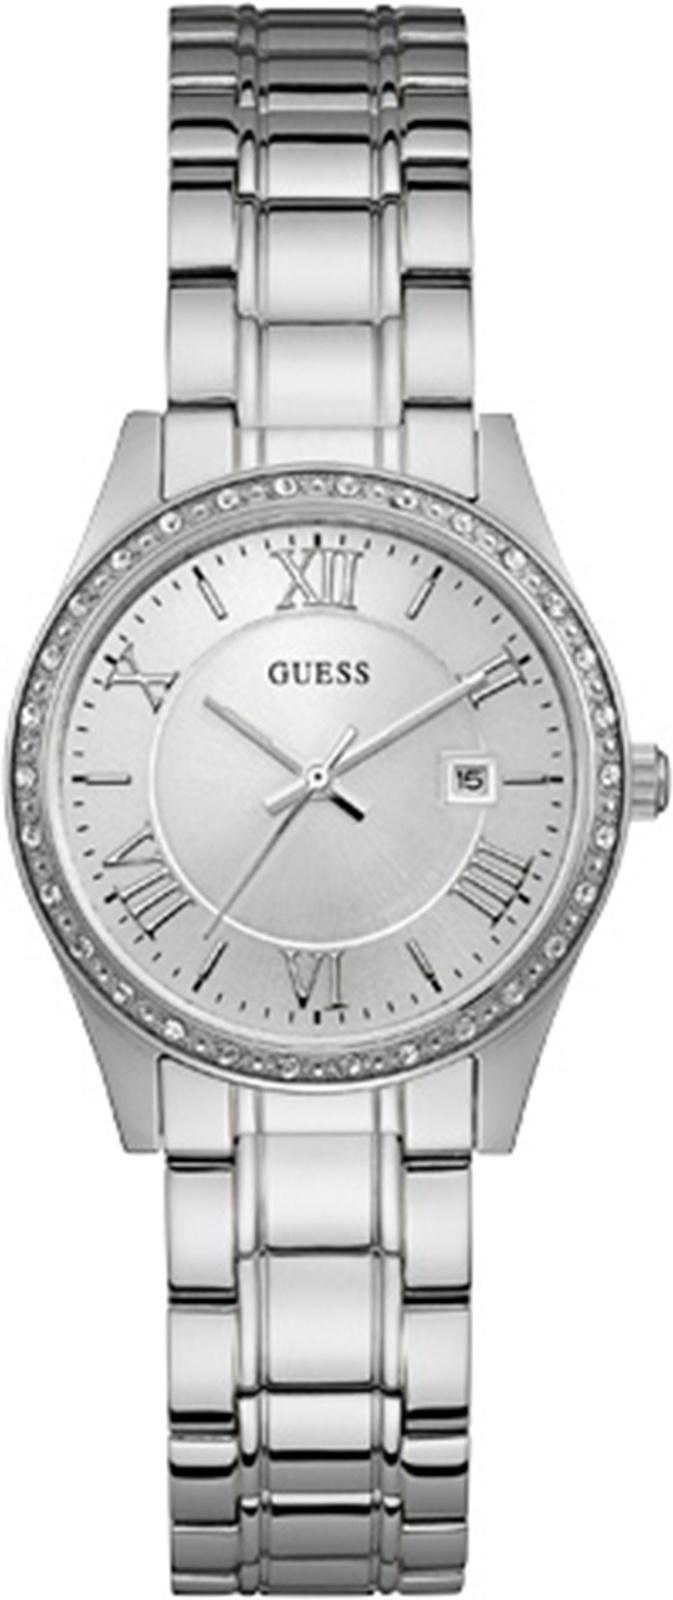 цена Часы Guess GREENWICH онлайн в 2017 году